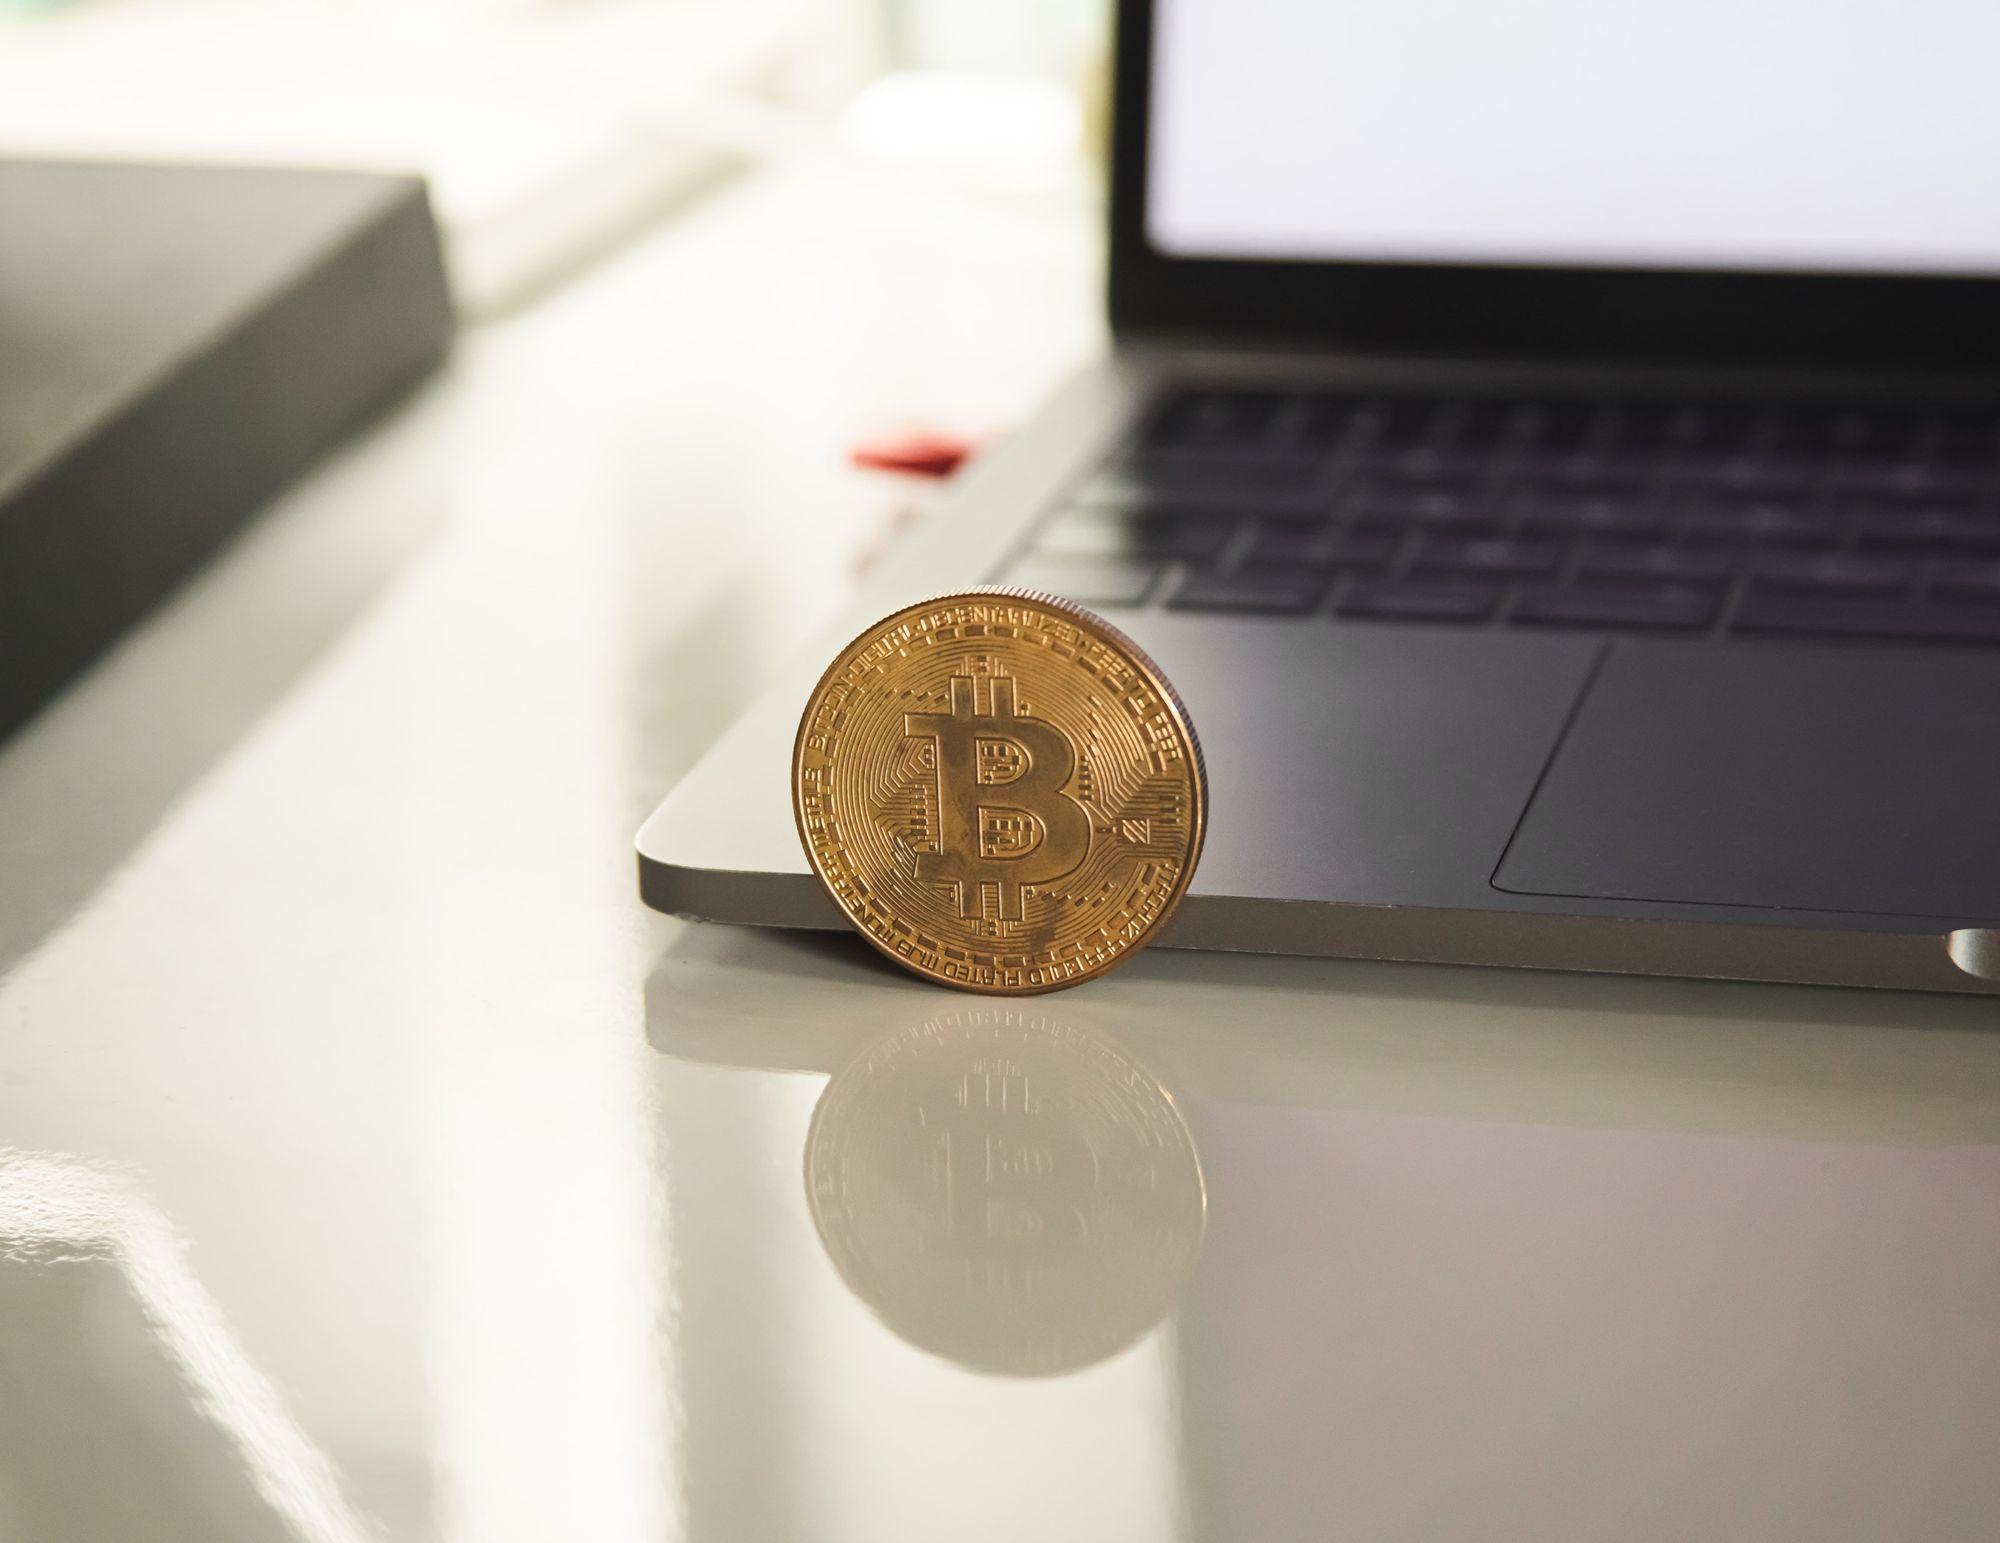 POS криптовалюты